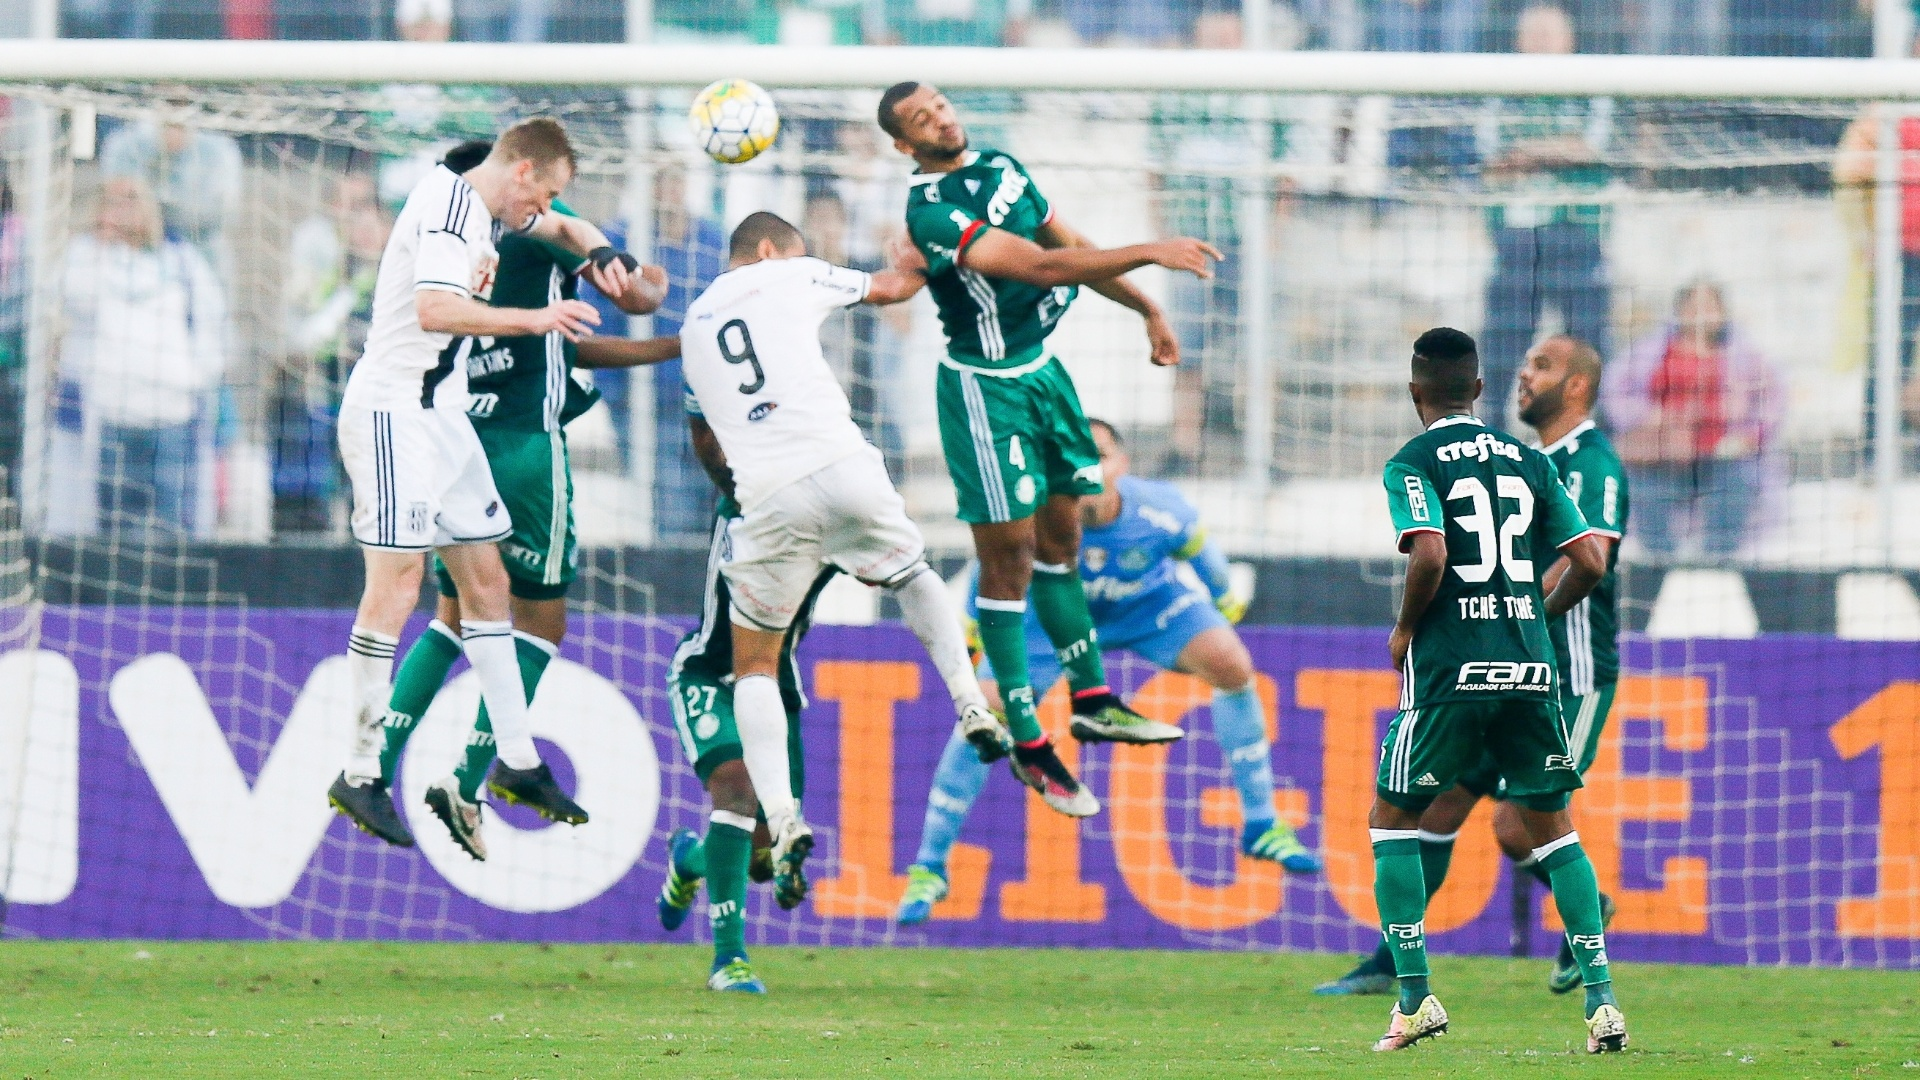 Wellington Paulista tenta o cabeceio durante a partida entre Ponte Preta e Palmeiras